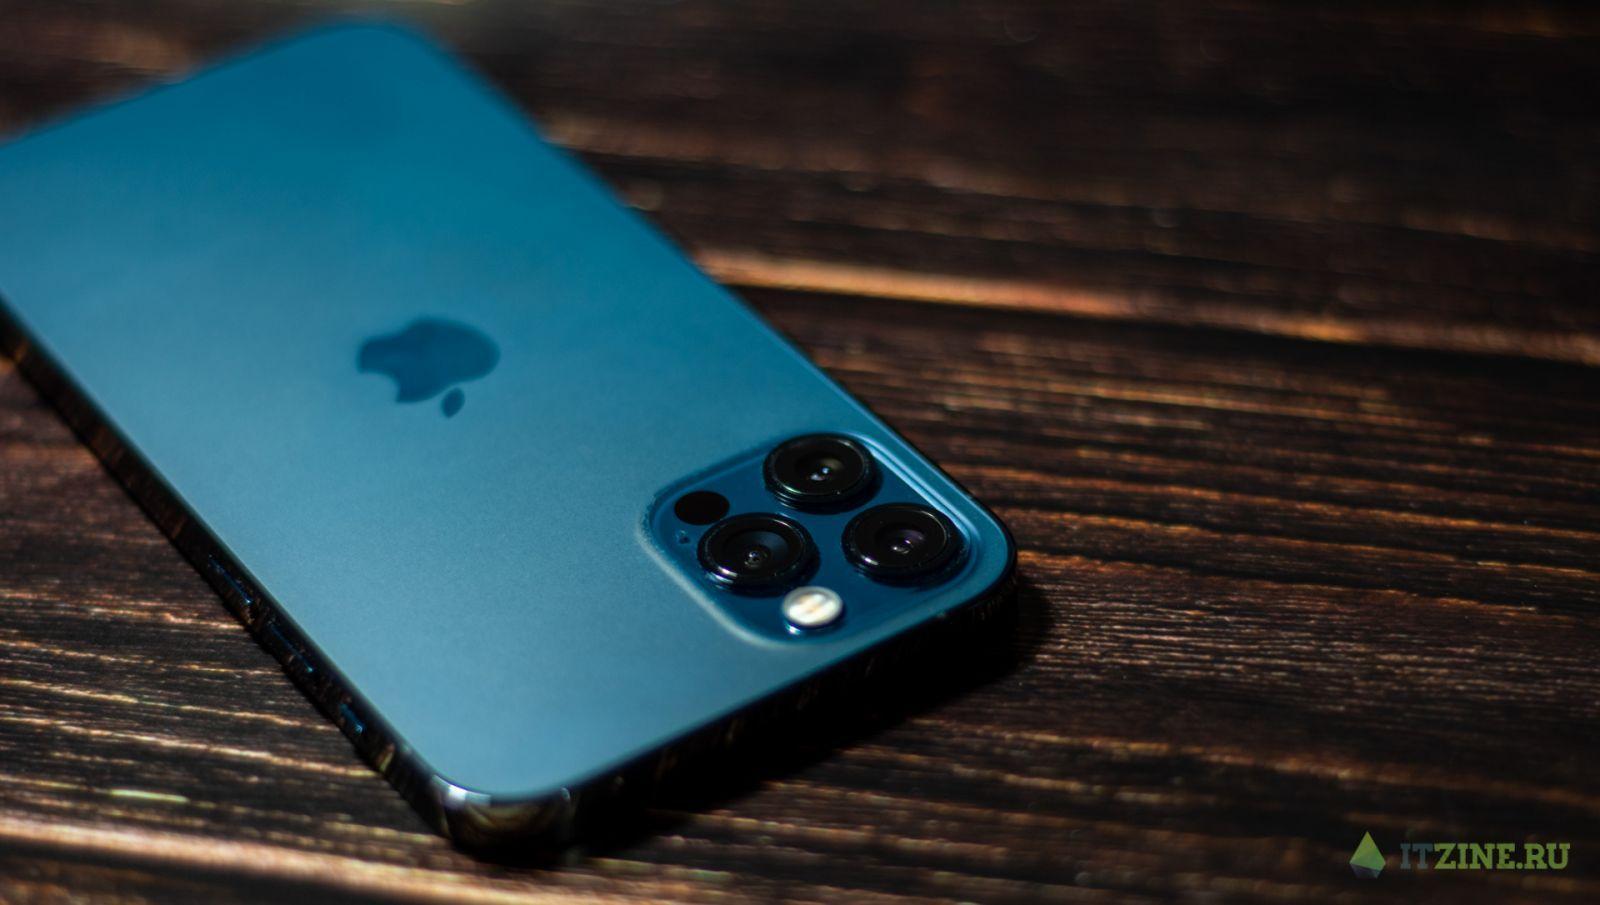 Тихоокеанский синий iPhone 12 Pro